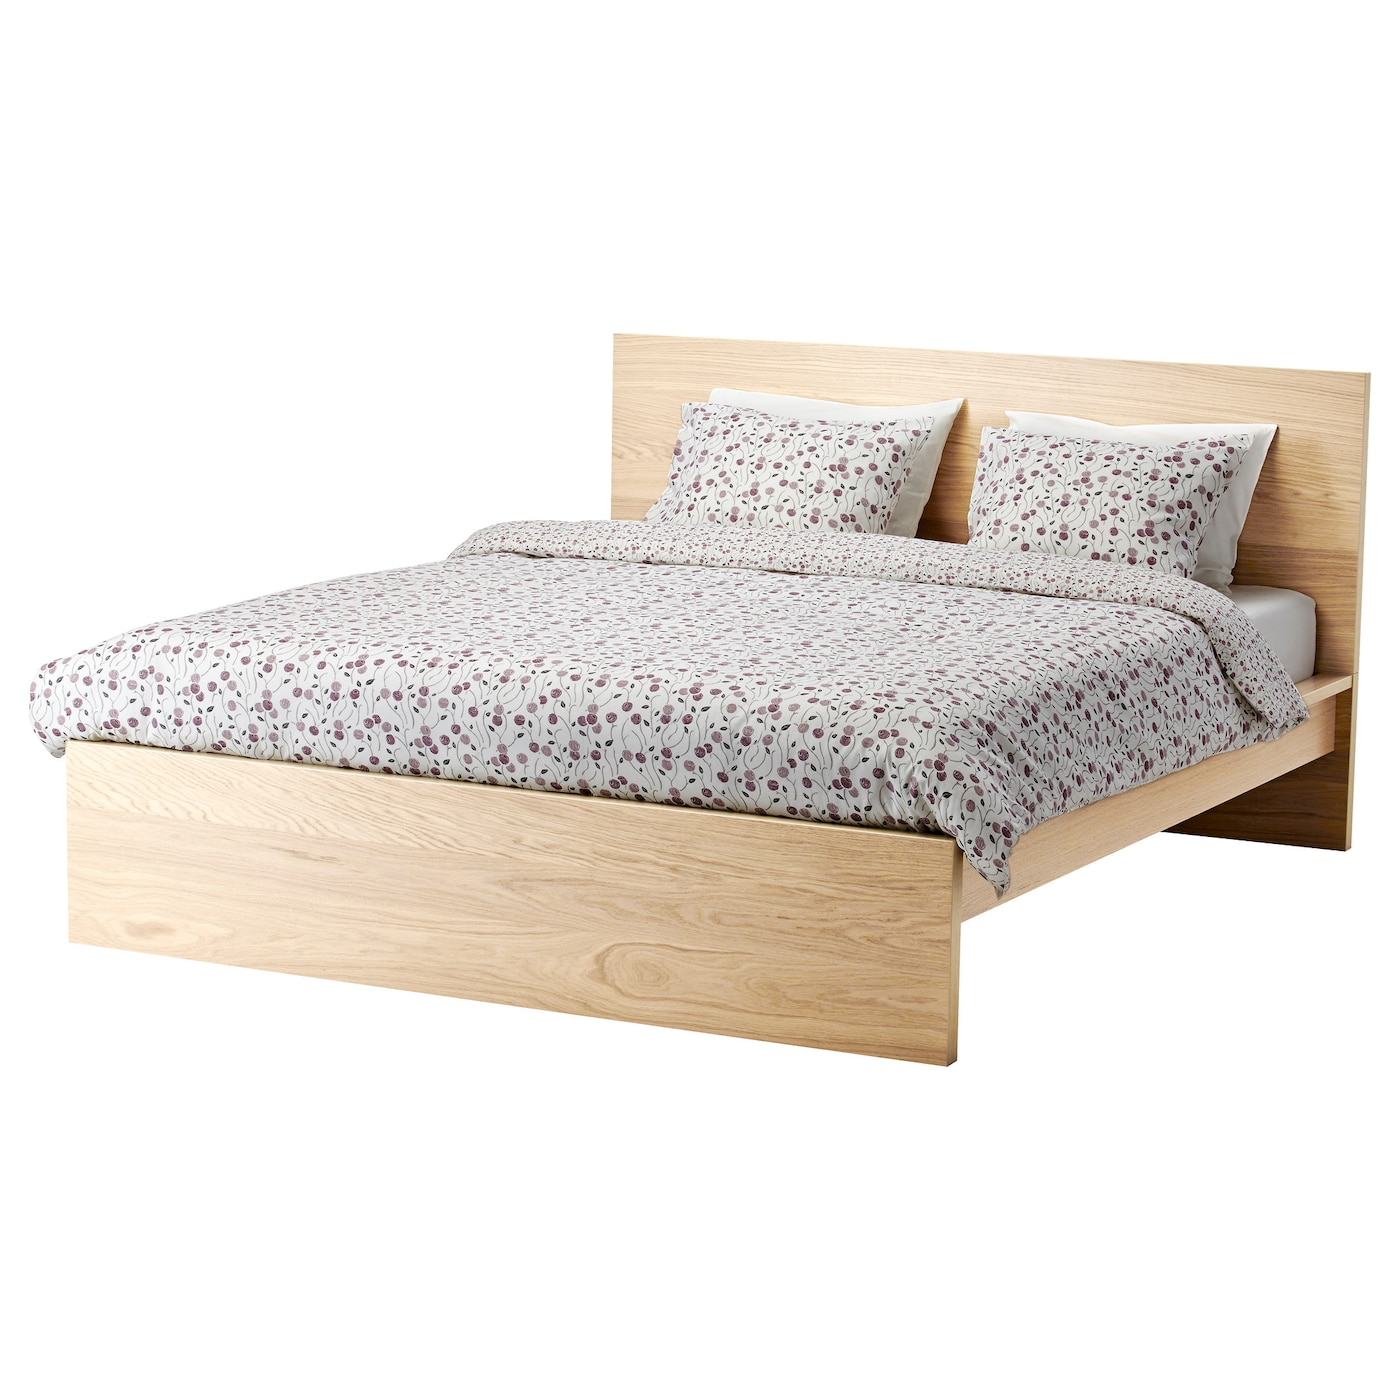 MALM Bed frame high White stained oak veneerlury Standard